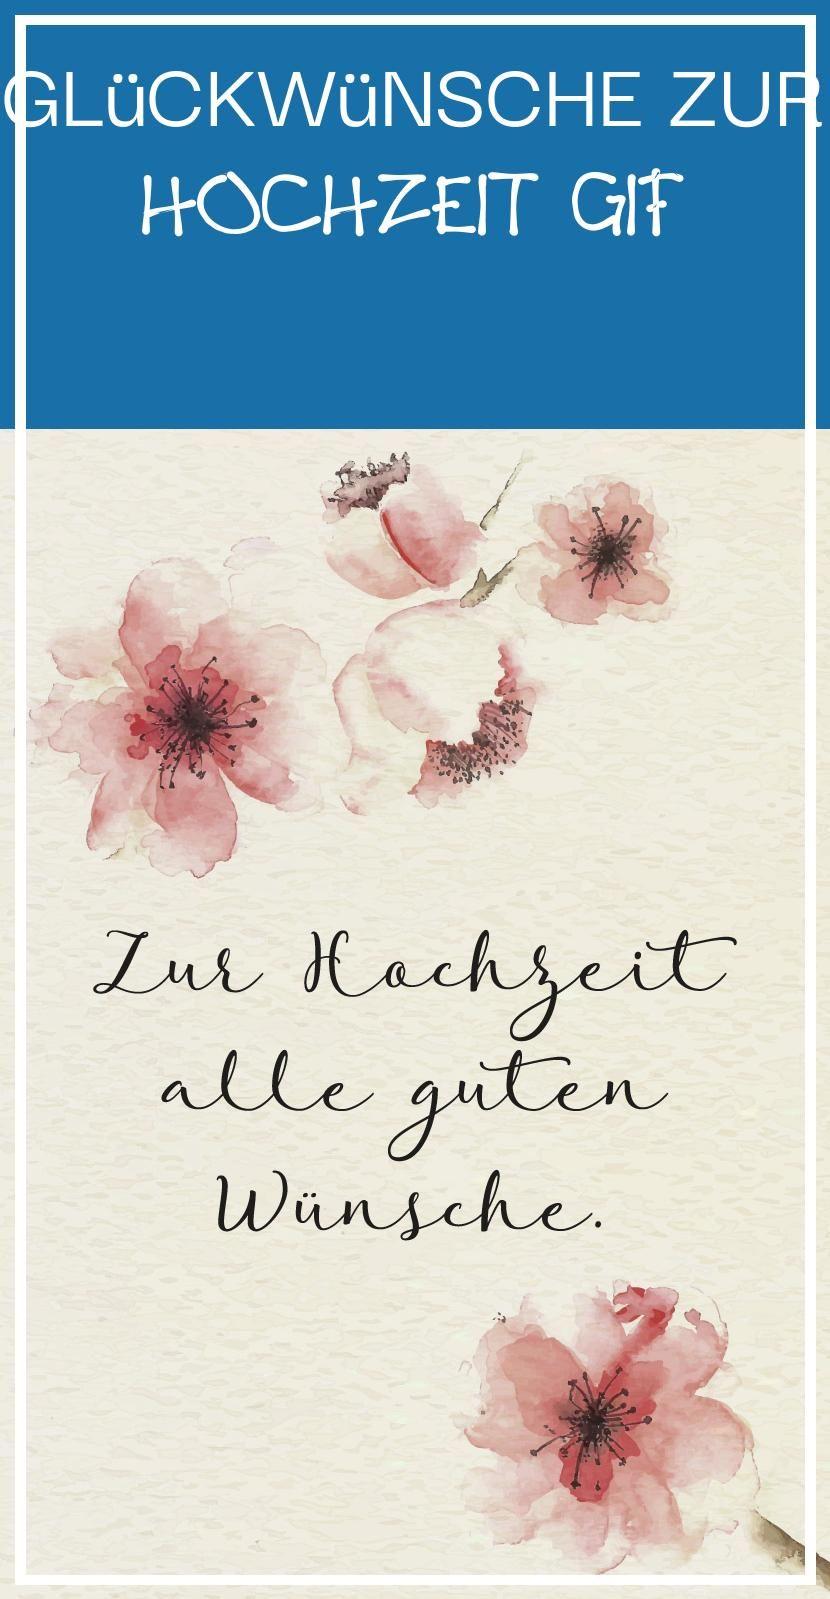 Perfect 12 Gluckwunsche Zur Hochzeit Gif Wedding Concept Movie Posters